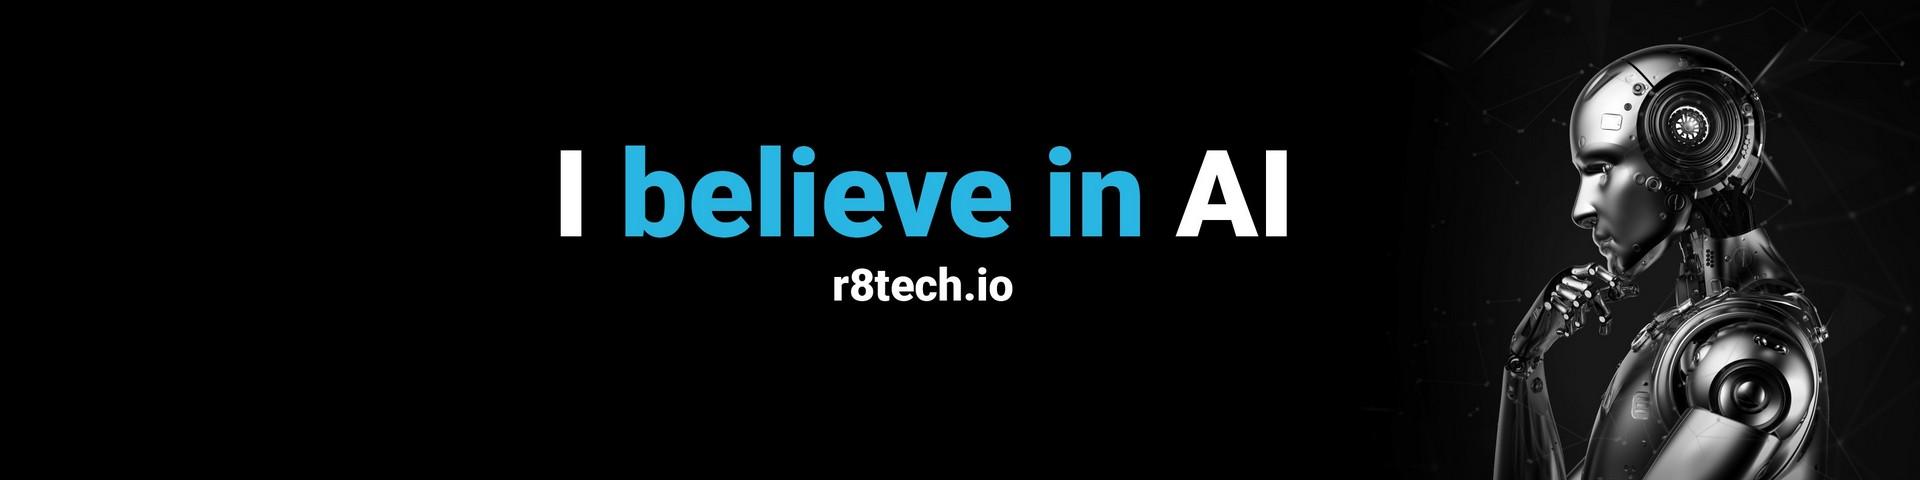 I believe in AI